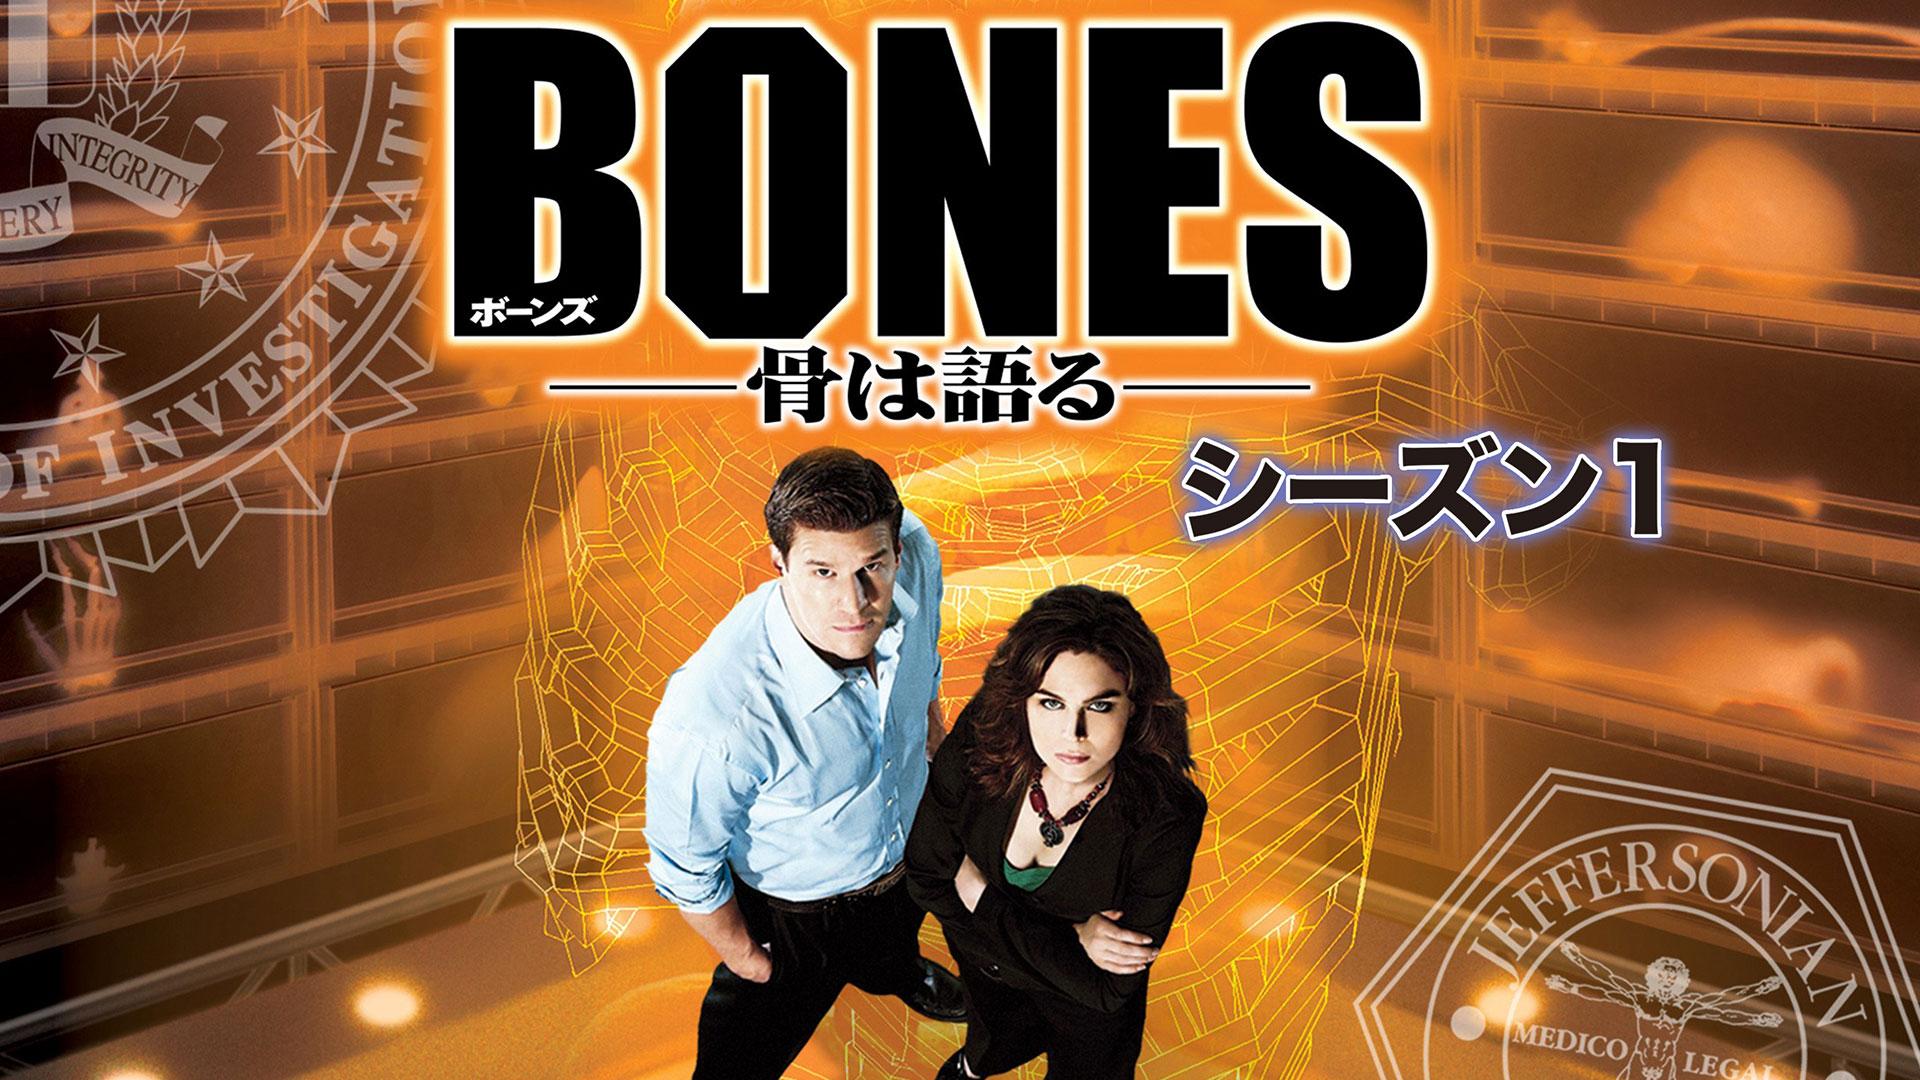 BONES ―骨は語る― シーズン 1 (吹替版)